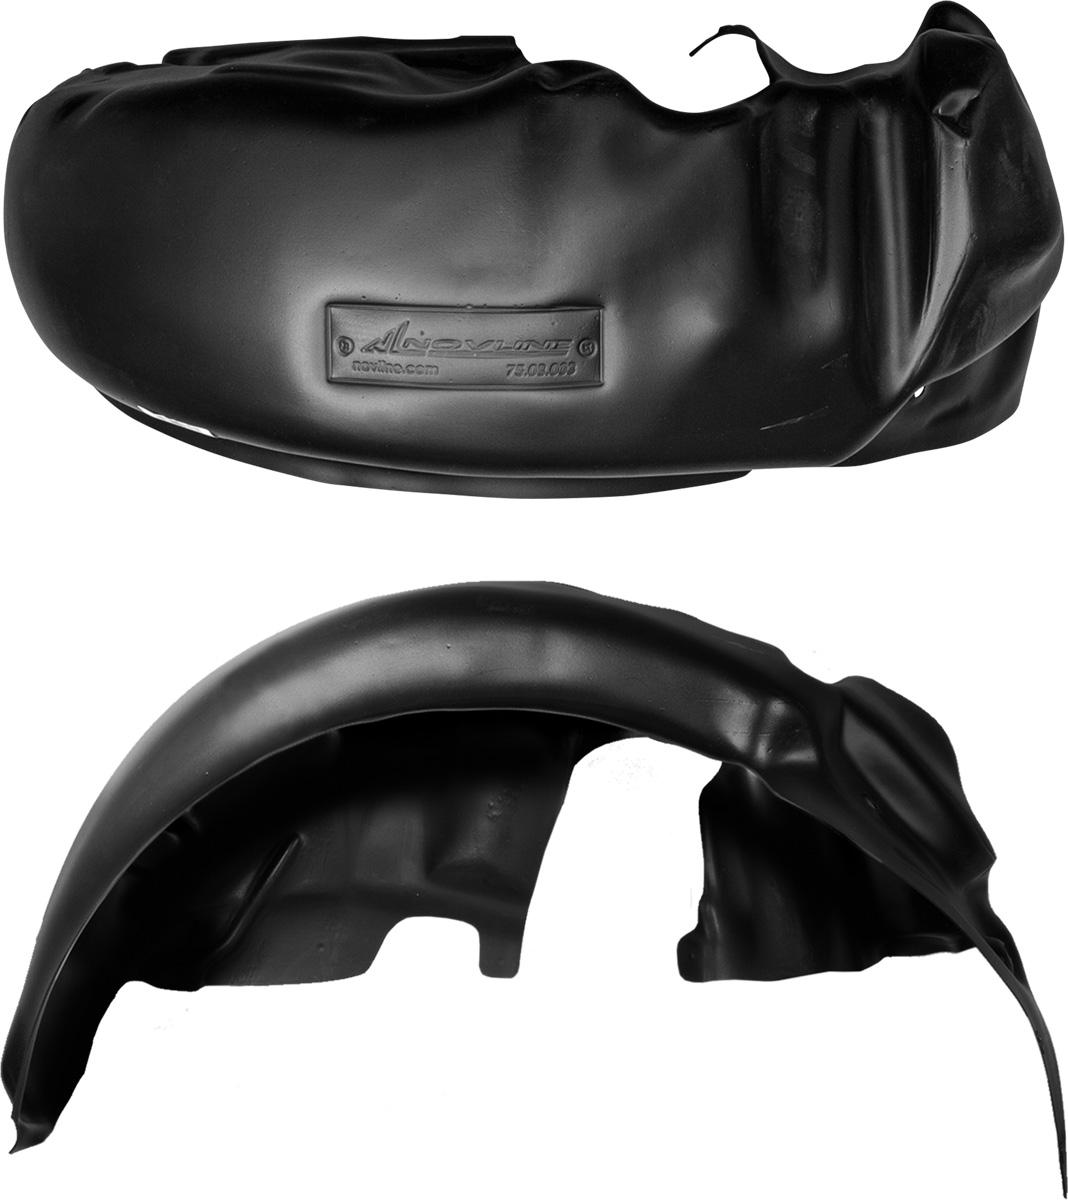 Подкрылок Novline-Autofamily, для Mitsubishi Pajero IV, 2006->, передний левый1004900000360Колесные ниши - одни из самых уязвимых зон днища вашего автомобиля. Они постоянно подвергаются воздействию со стороны дороги. Лучшая, почти абсолютная защита для них - специально отформованные пластиковые кожухи, которые называются подкрылками. Производятся они как для отечественных моделей автомобилей, так и для иномарок. Подкрылки Novline-Autofamily выполнены из высококачественного, экологически чистого пластика. Обеспечивают надежную защиту кузова автомобиля от пескоструйного эффекта и негативного влияния, агрессивных антигололедных реагентов. Пластик обладает более низкой теплопроводностью, чем металл, поэтому в зимний период эксплуатации использование пластиковых подкрылков позволяет лучше защитить колесные ниши от налипания снега и образования наледи. Оригинальность конструкции подчеркивает элегантность автомобиля, бережно защищает нанесенное на днище кузова антикоррозийное покрытие и позволяет осуществить крепление подкрылков внутри колесной арки практически без дополнительного крепежа и сверления, не нарушая при этом лакокрасочного покрытия, что предотвращает возникновение новых очагов коррозии. Подкрылки долговечны, обладают высокой прочностью и сохраняют заданную форму, а также все свои физико-механические характеристики в самых тяжелых климатических условиях (от -50°С до +50°С).Уважаемые клиенты!Обращаем ваше внимание, на тот факт, что подкрылок имеет форму, соответствующую модели данного автомобиля. Фото служит для визуального восприятия товара.